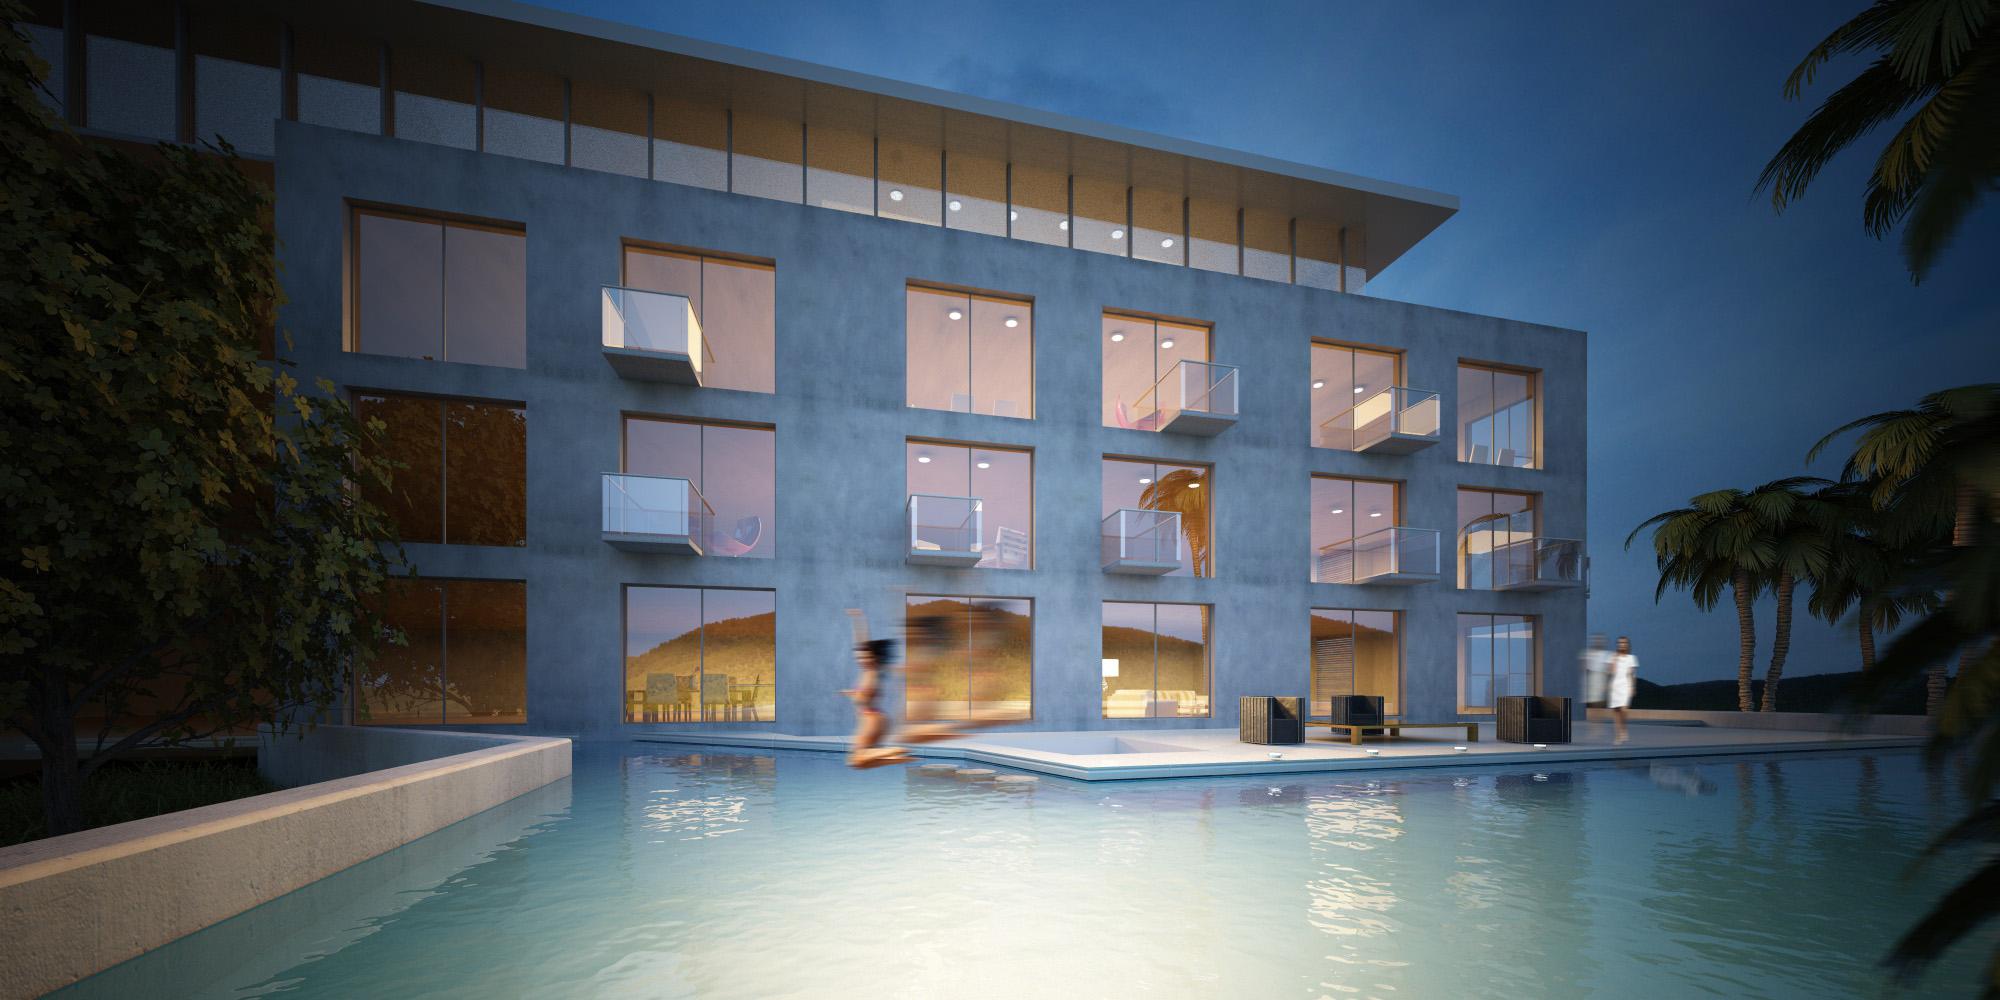 Workshop cinema 4d release anwendung architektur for Cinema 4d architektur